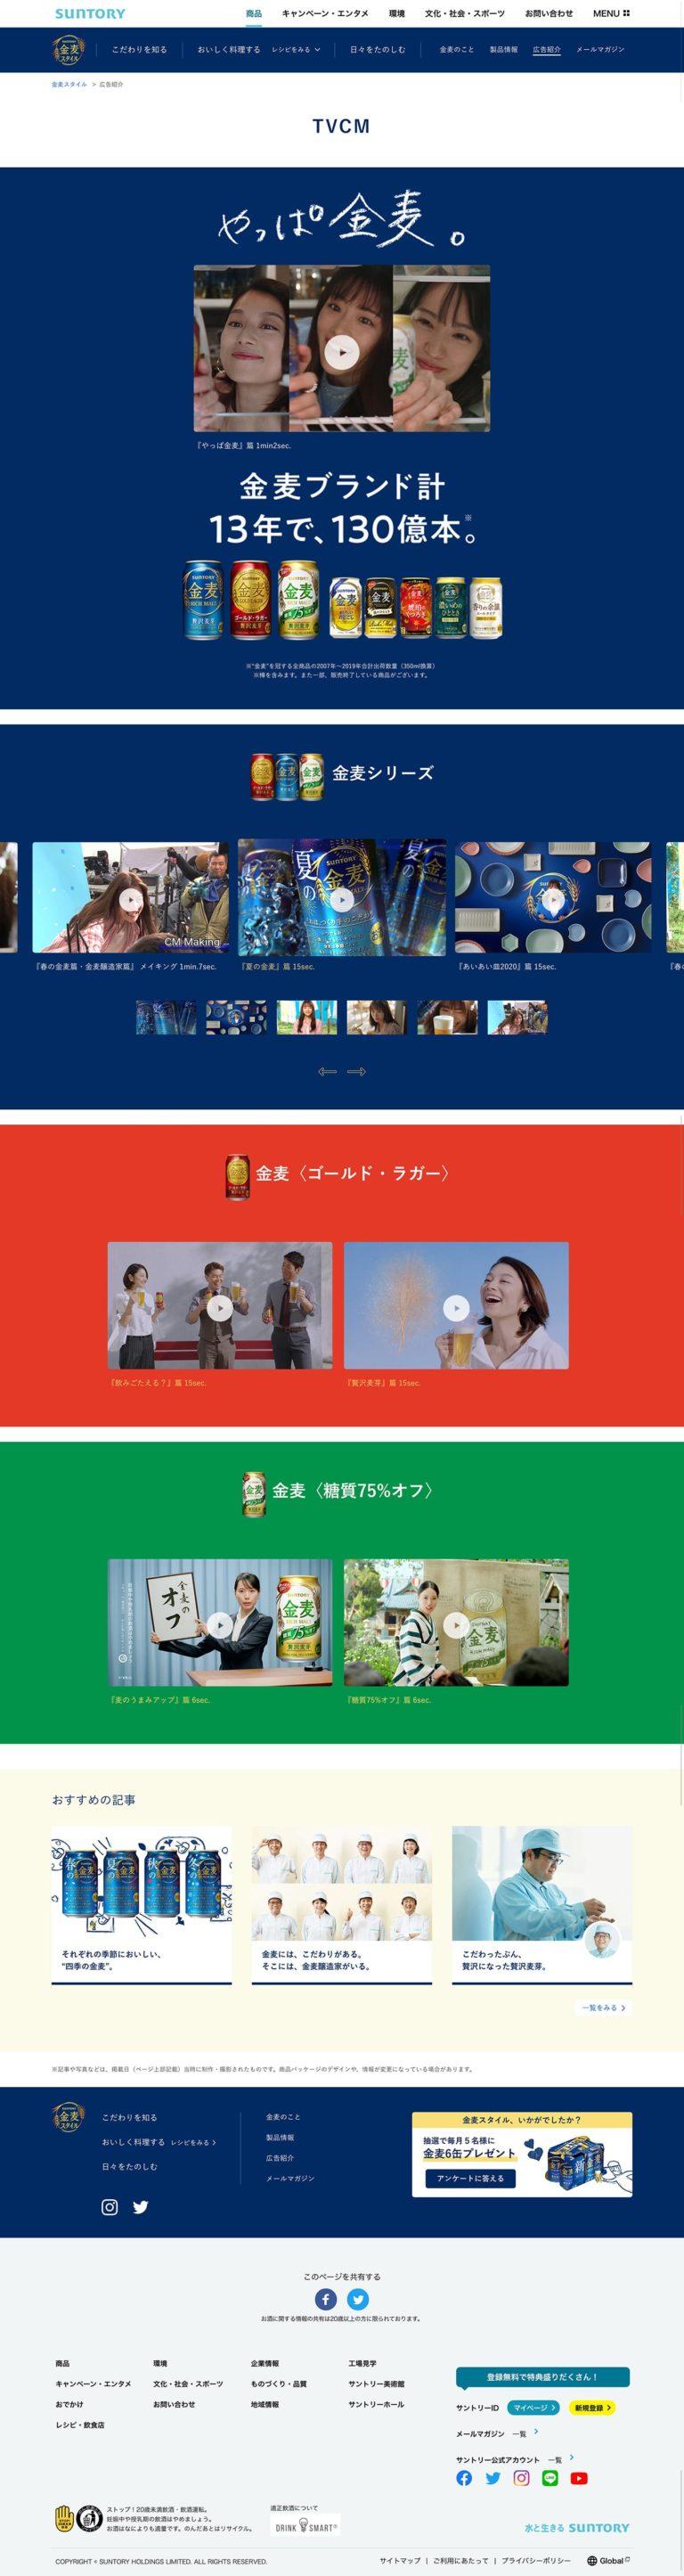 広告紹介|金麦スタイル|サントリー